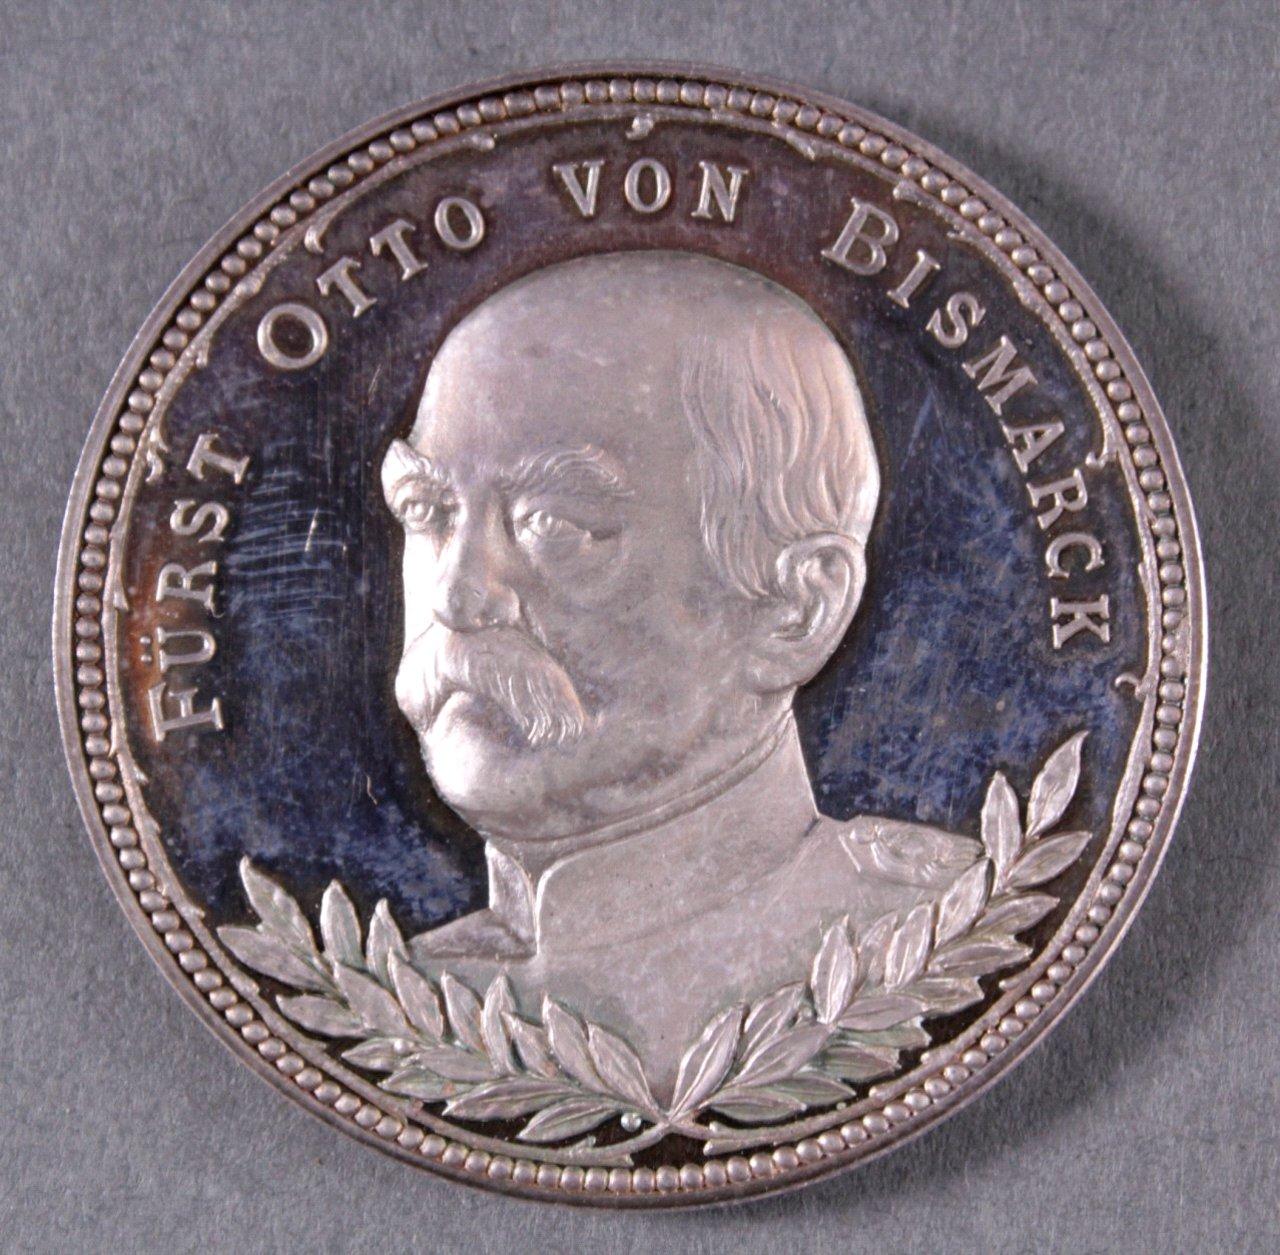 Silber Medaille Bismarck / von Moltke